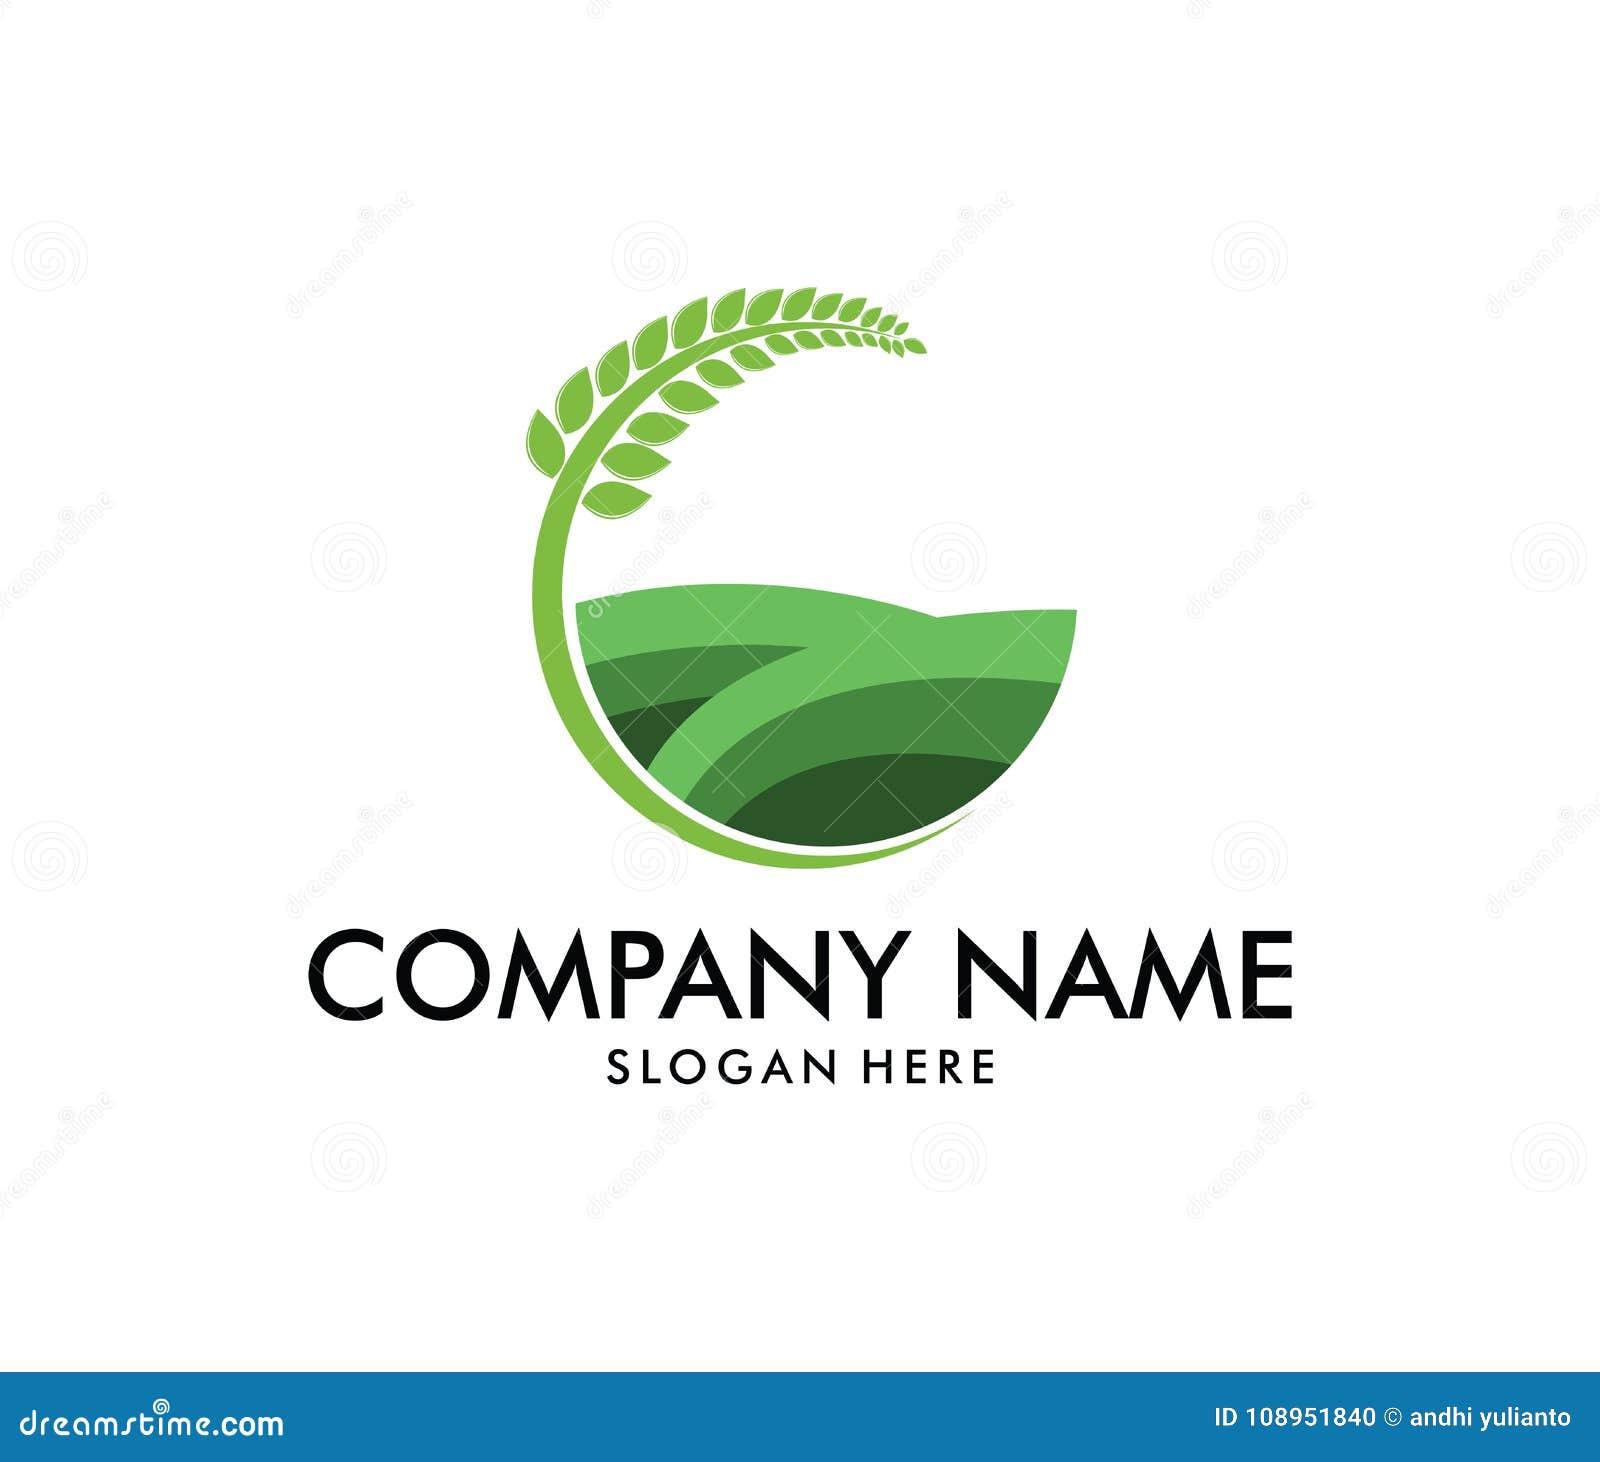 Vectorembleemontwerp voor landbouw, agronomie, tarwelandbouwbedrijf, landelijk de landbouwgebied van het land, natuurlijke oogst